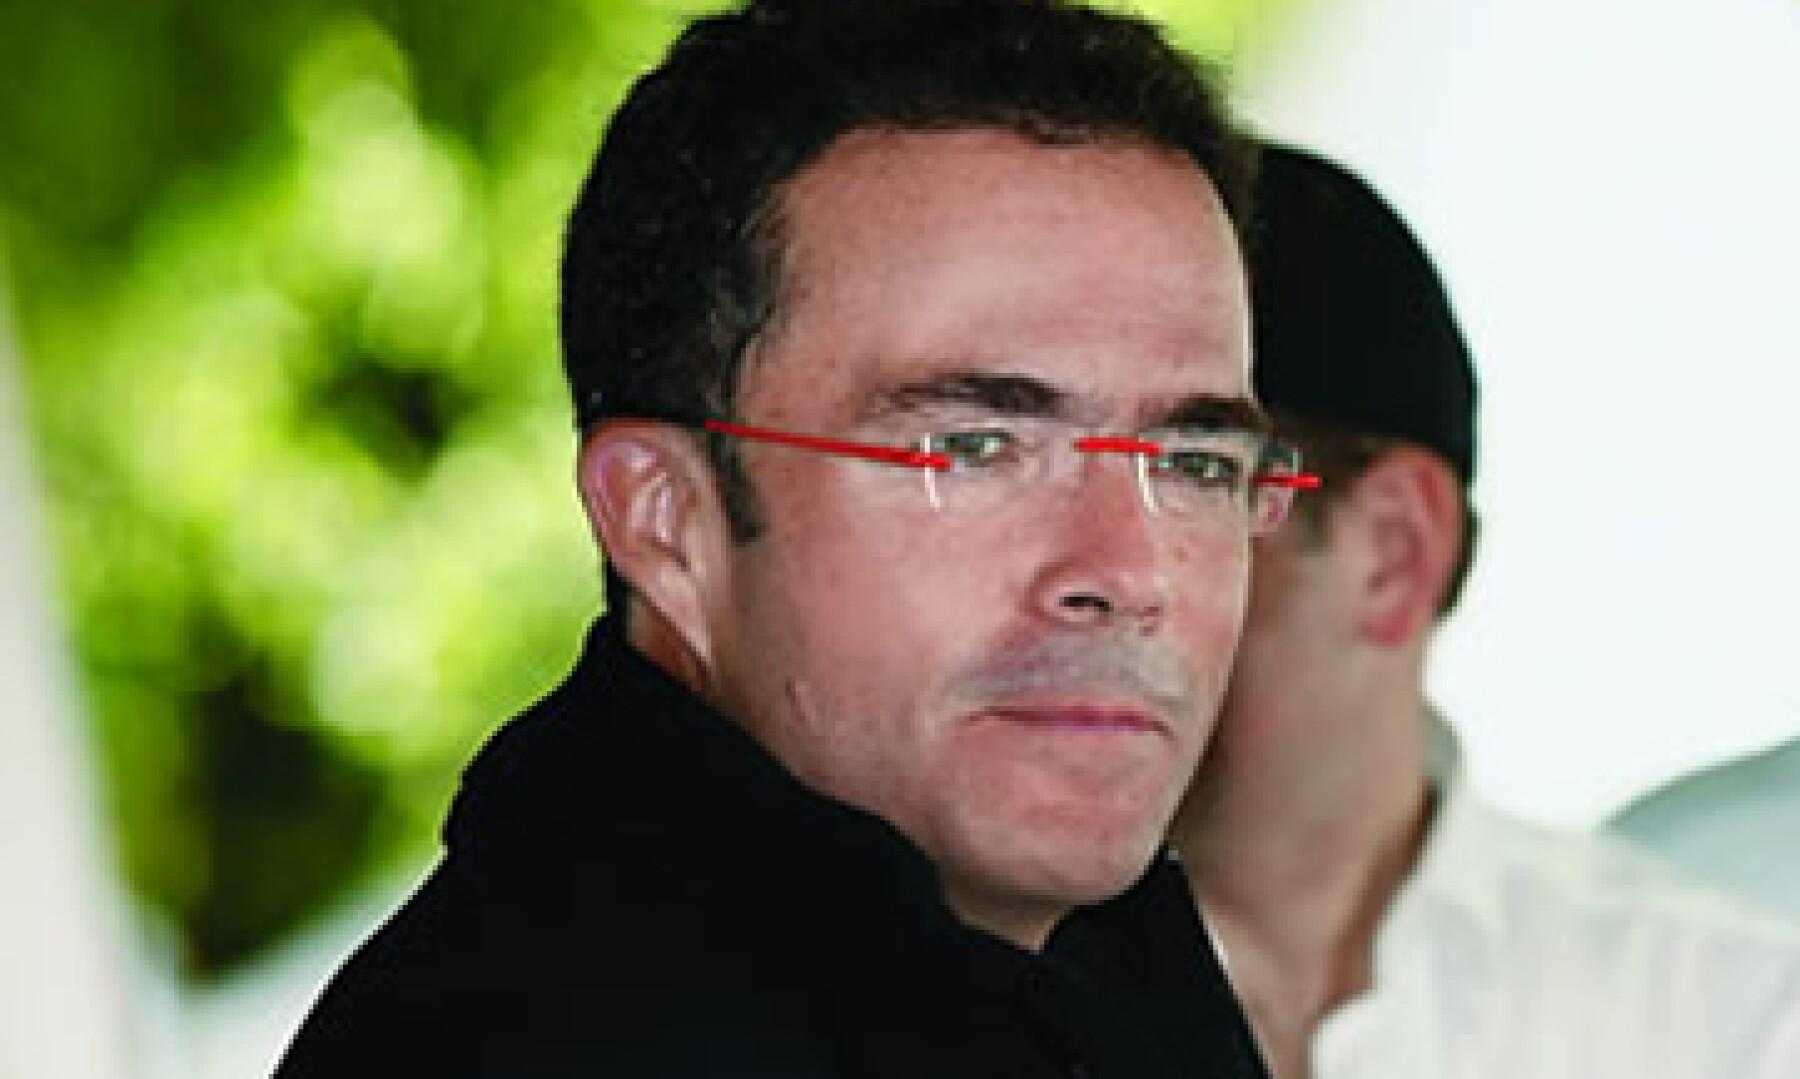 El director de Grupo Comercial Chedraui ocupa el lugar 48 del ranking 2011 Los 100 Empresarios más Importantes de México de la revista Expansión. (Foto: Cortesía Revista Quién)